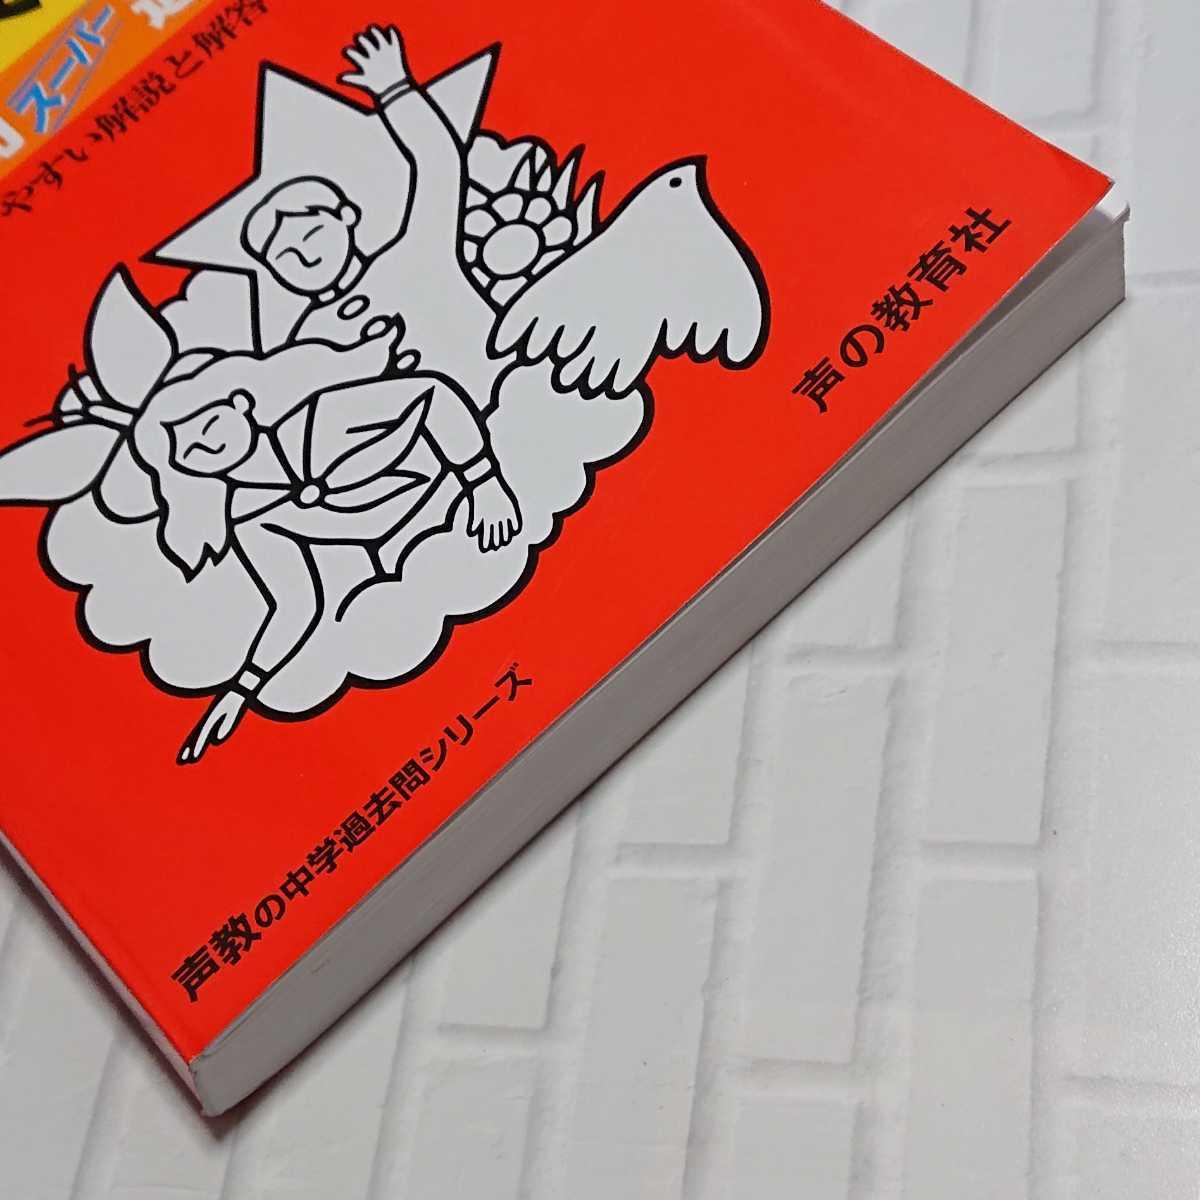 送料無料☆日本大学中学校(日吉) ☆2021年度用☆4年間スーパー過去問☆別冊解答用紙付き☆中学受験 中学入試☆声の教育社☆日大日吉☆即決